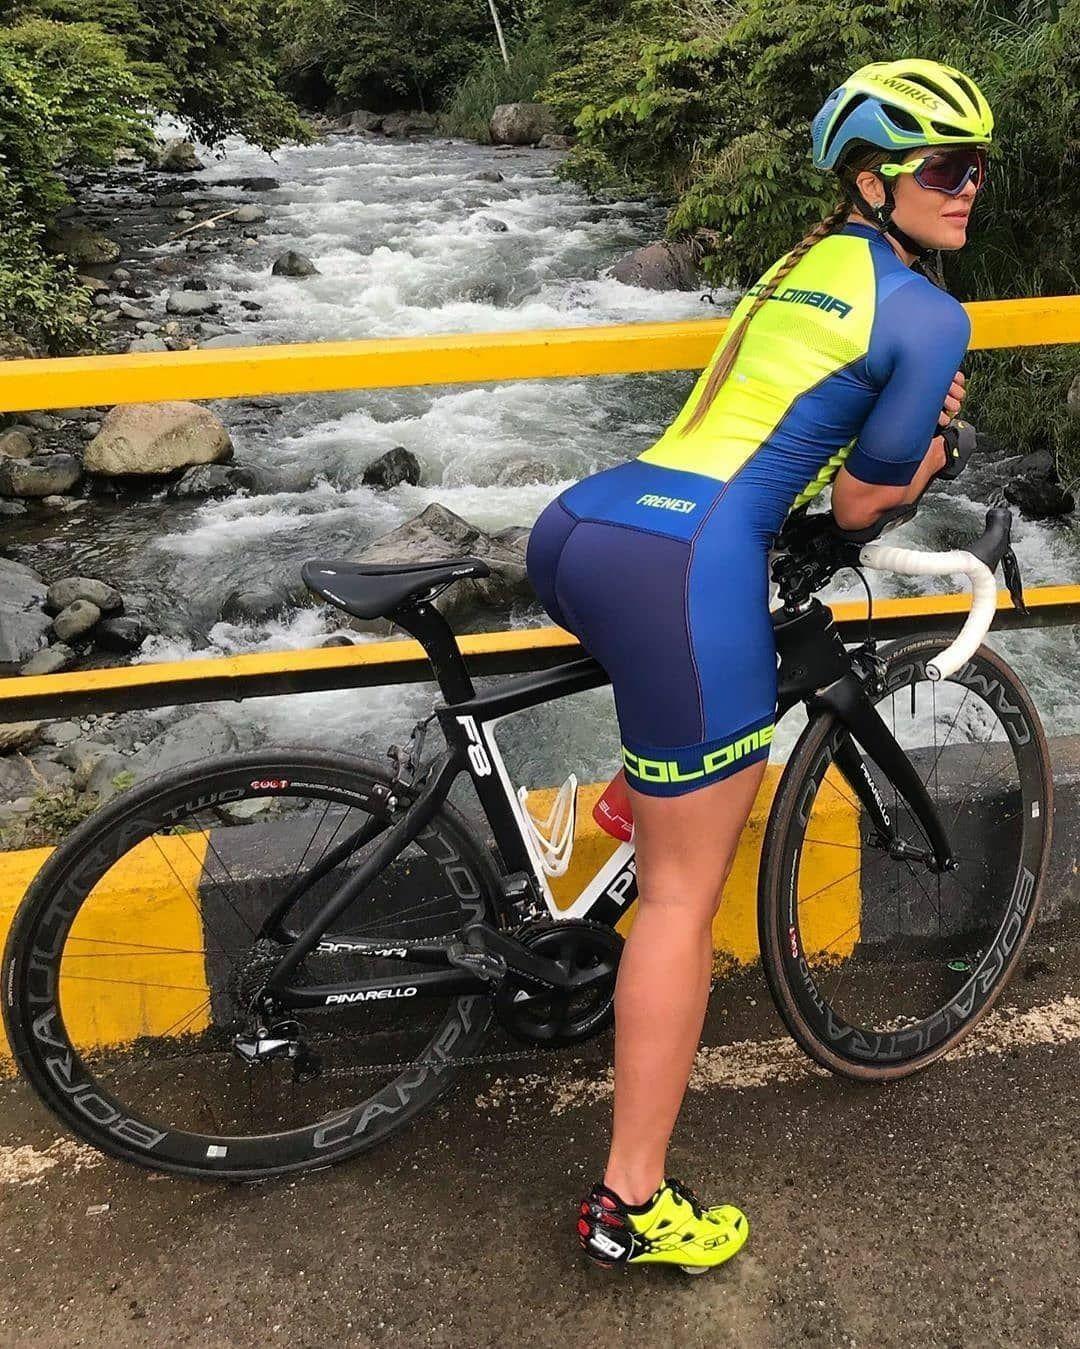 Pin By Aldarius On Cycling Girls Bicycle Women Cycling Girls